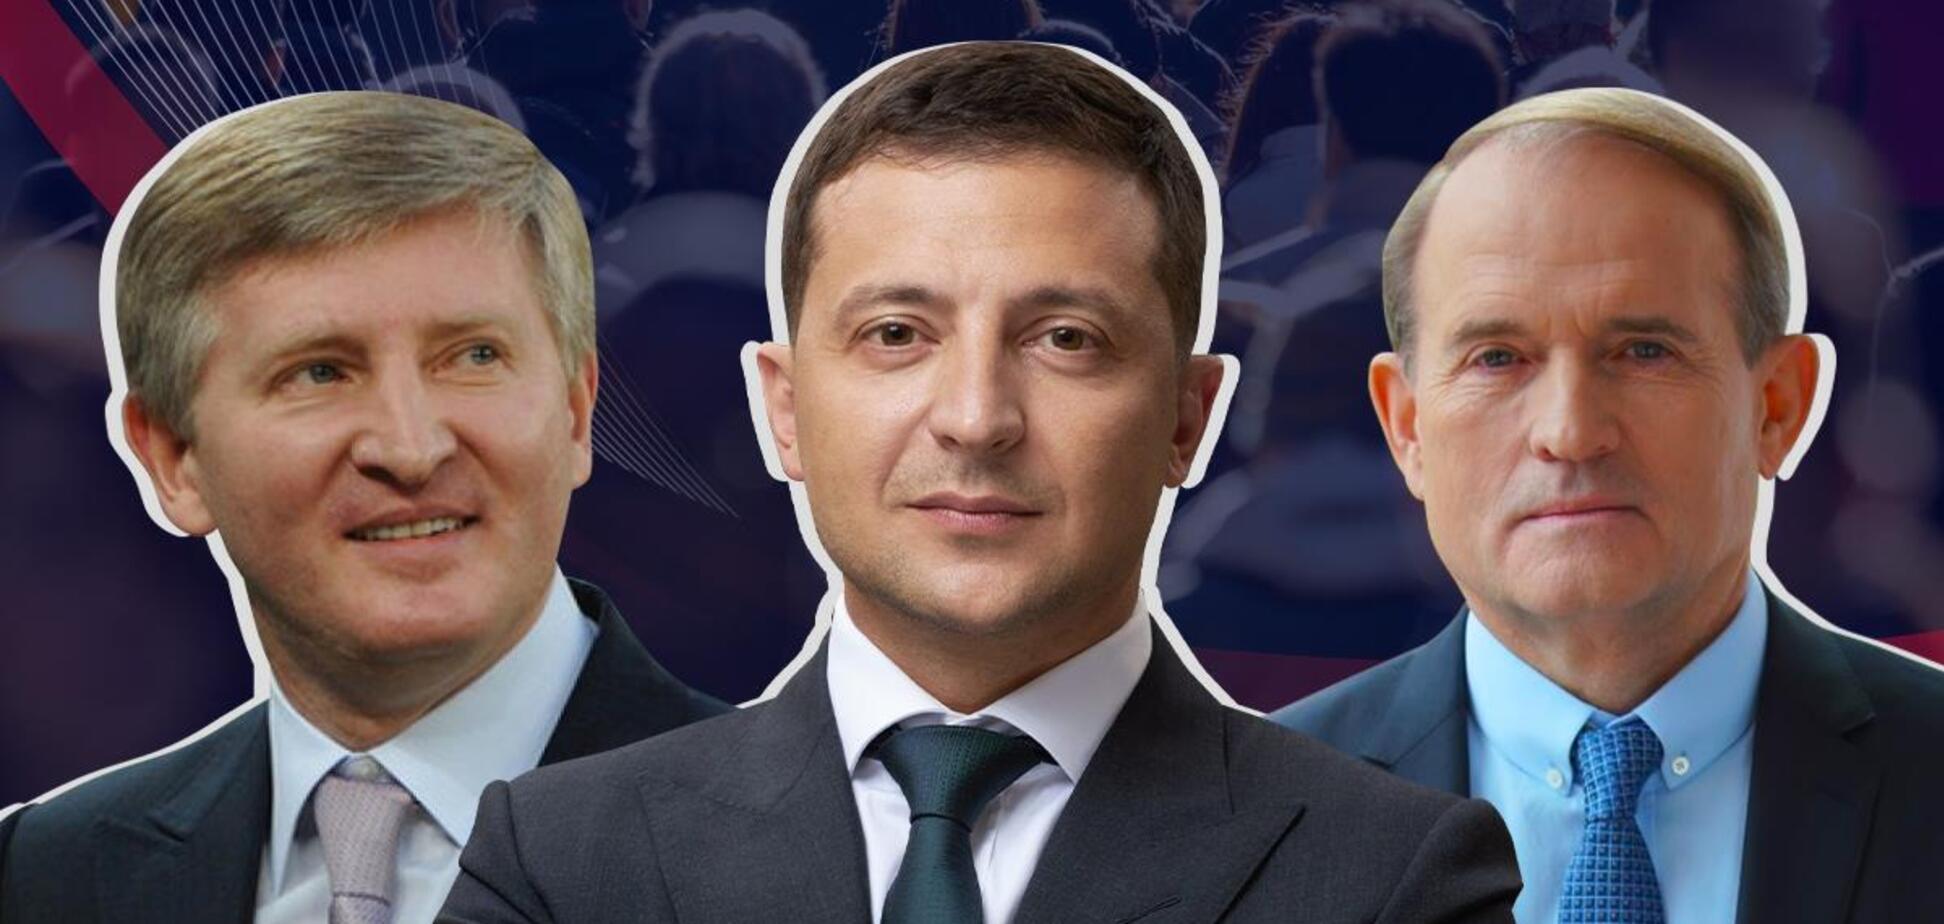 Под видом борьбы с олигархами в Украине развернулась борьба за власть и ресурсы – СМИ